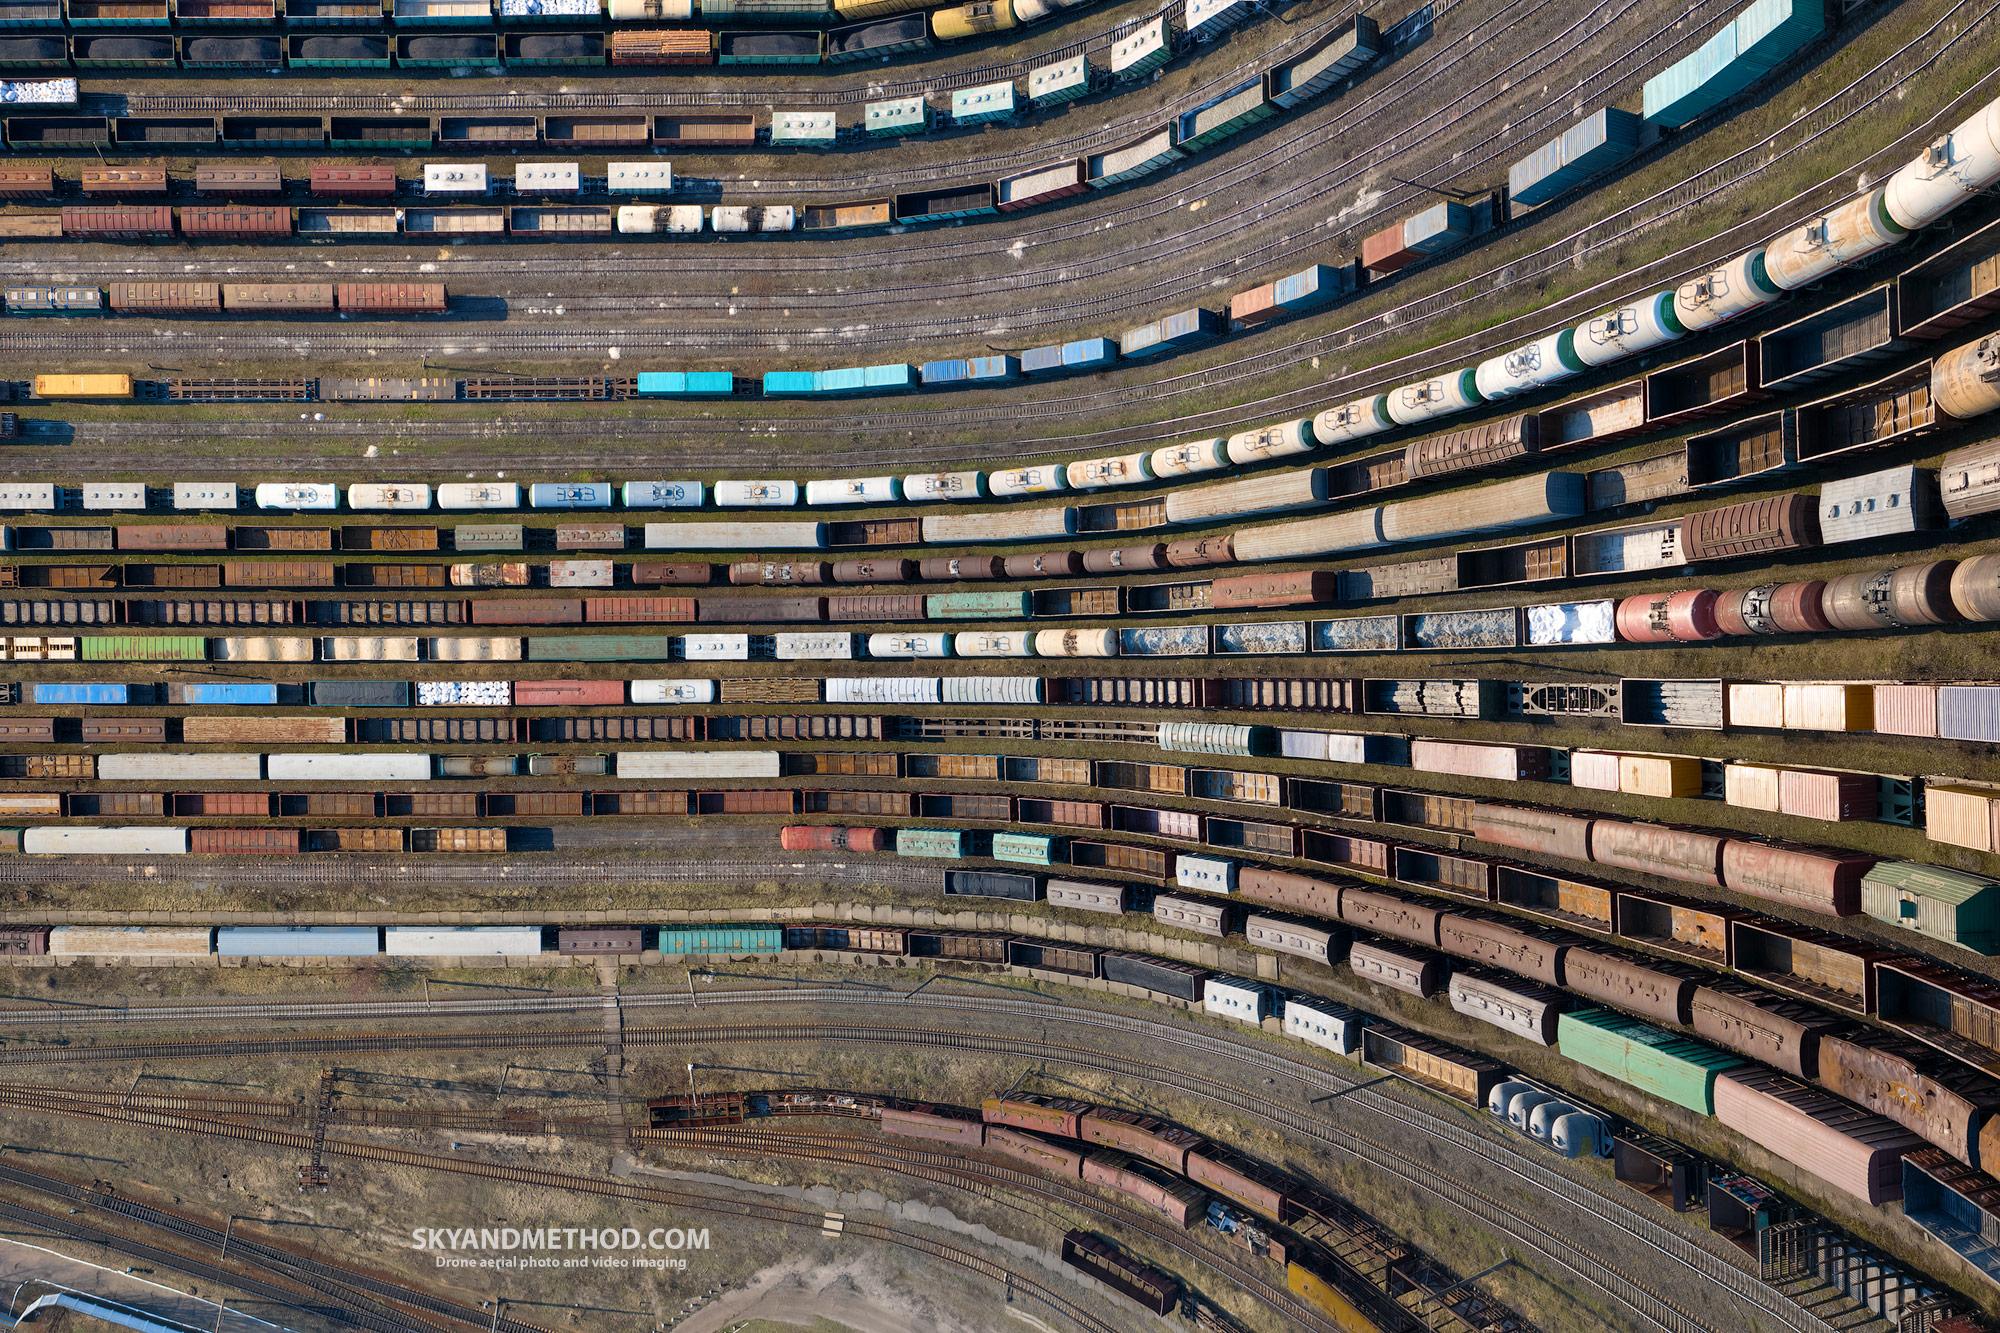 Район Дарницкого ЖД вокзала. Огромный вагонный отстойник, уходящий в небо в переносном смысле, а на фотографии - в прямом